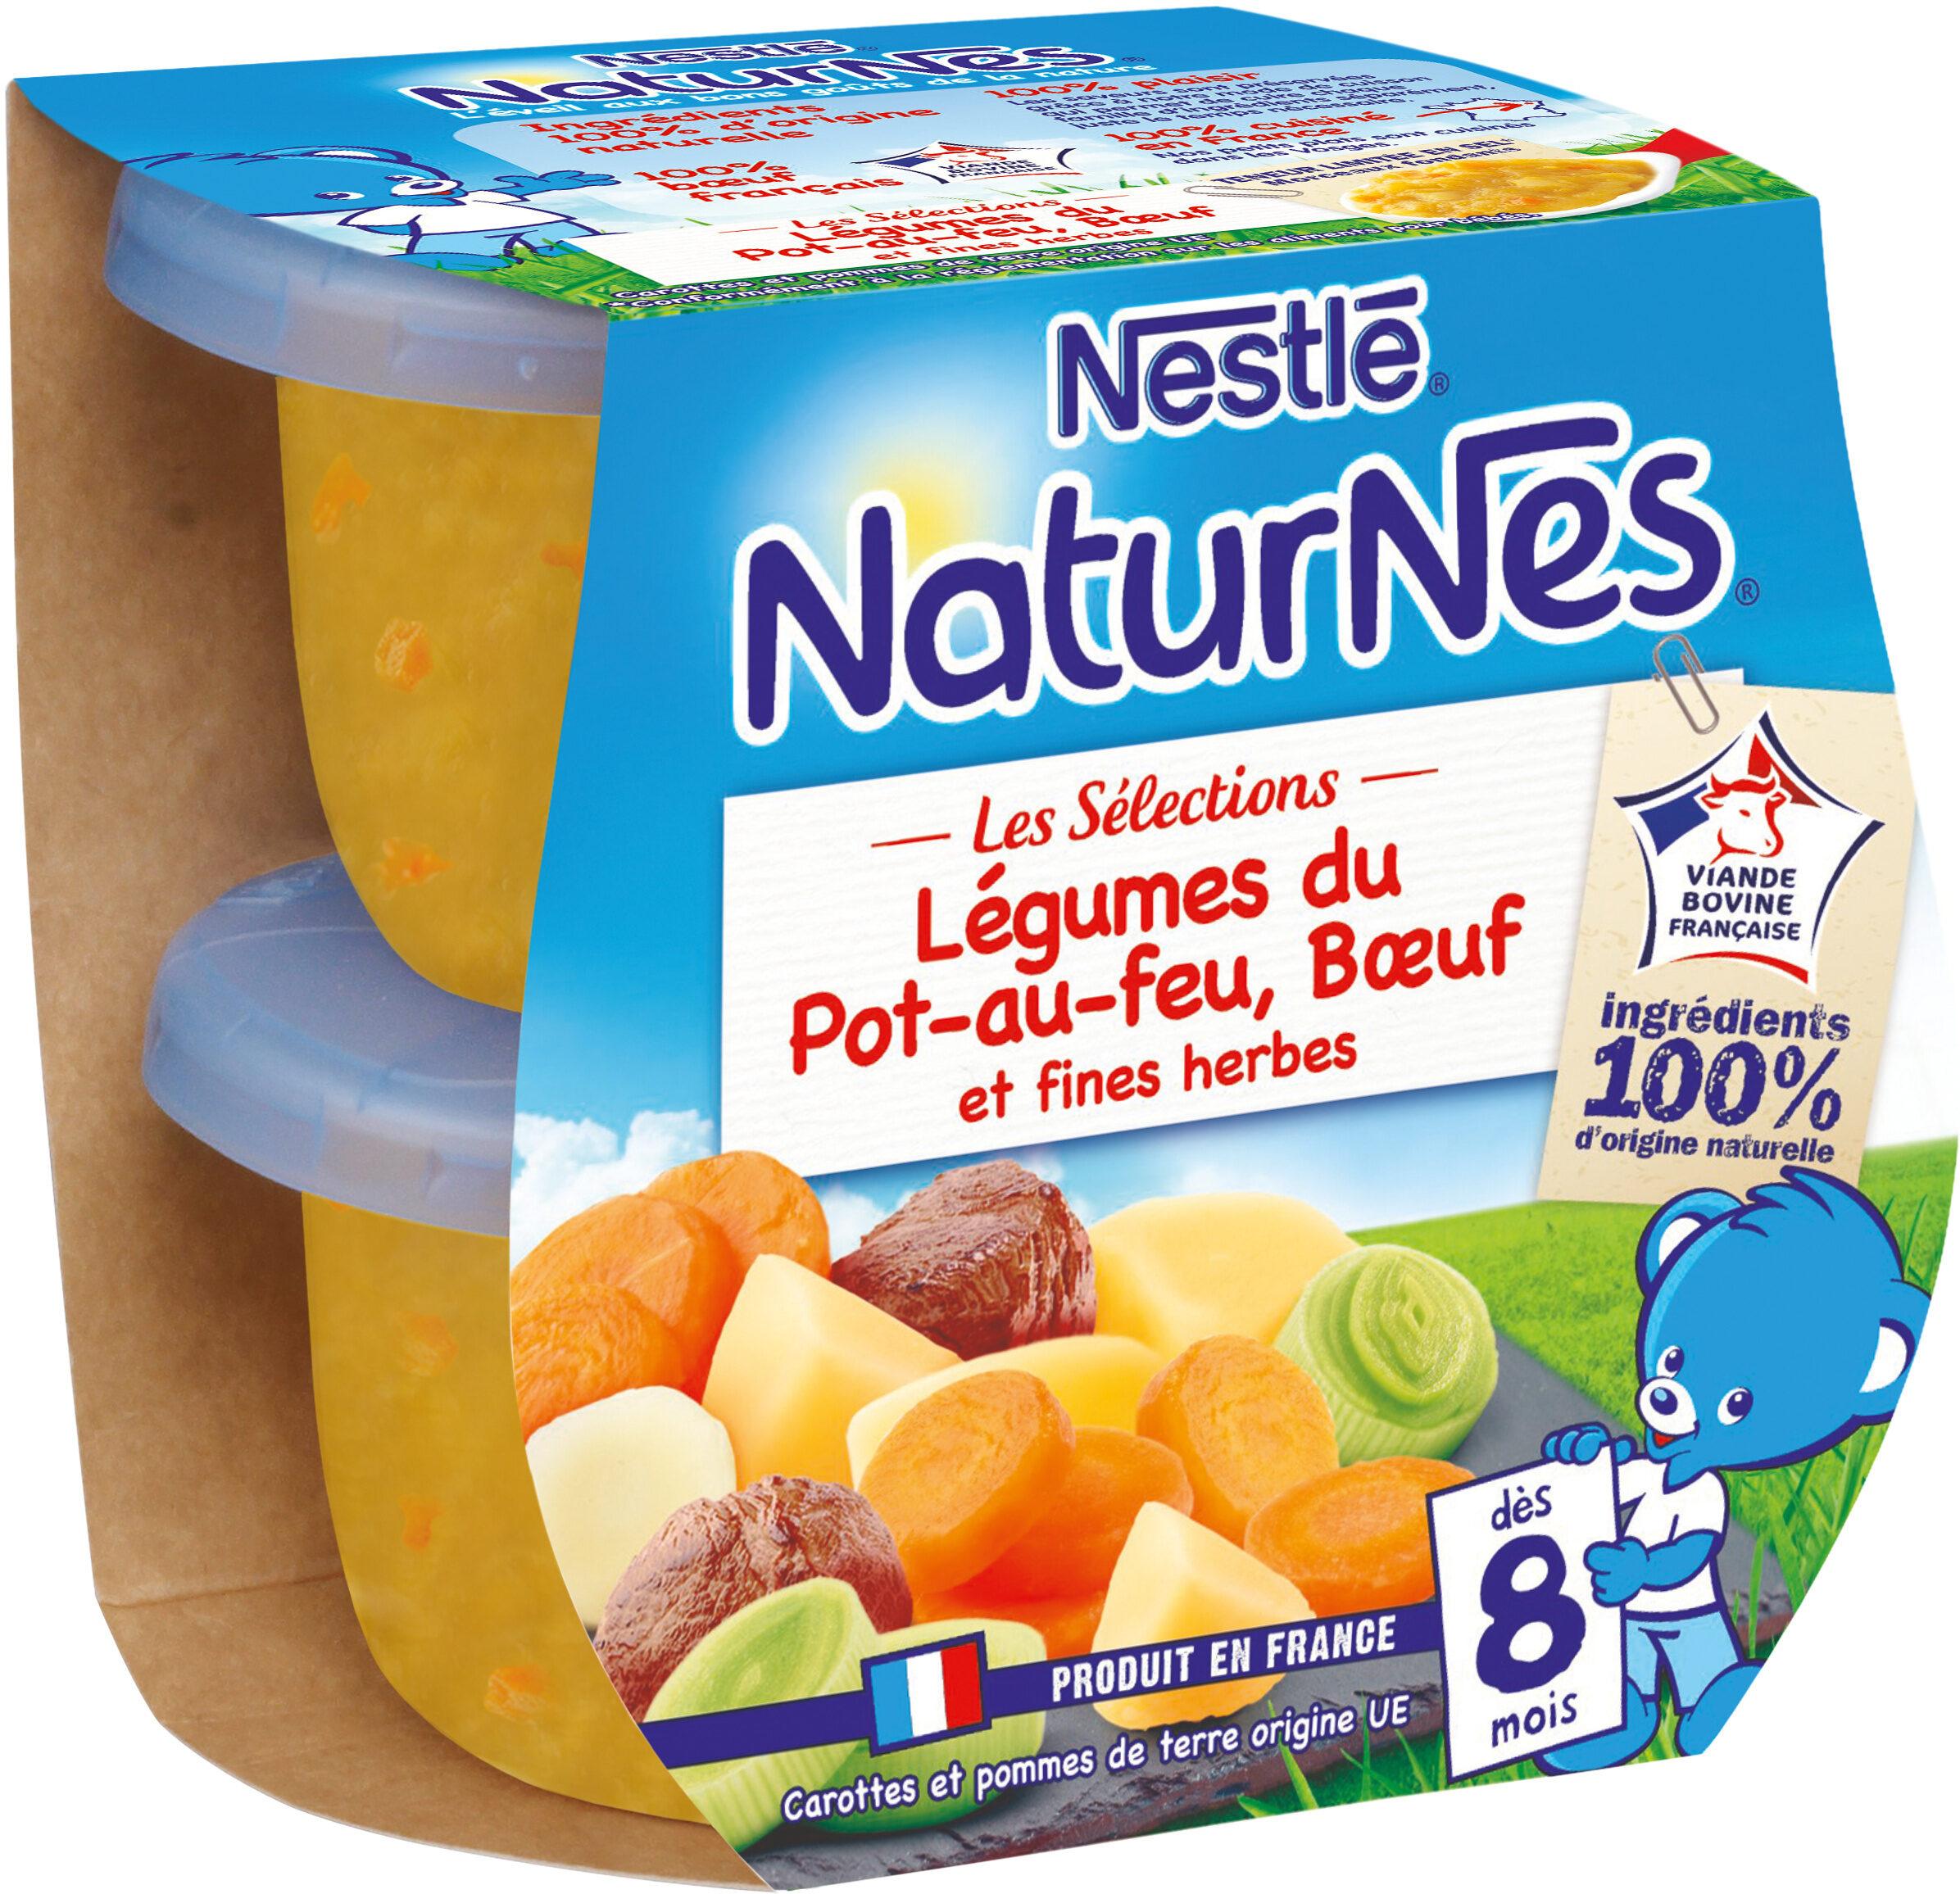 NESTLE NATURNES Les Sélections Légumes du pot-au-feu Bœuf 2x200g -Dès 8 mois - Produit - fr